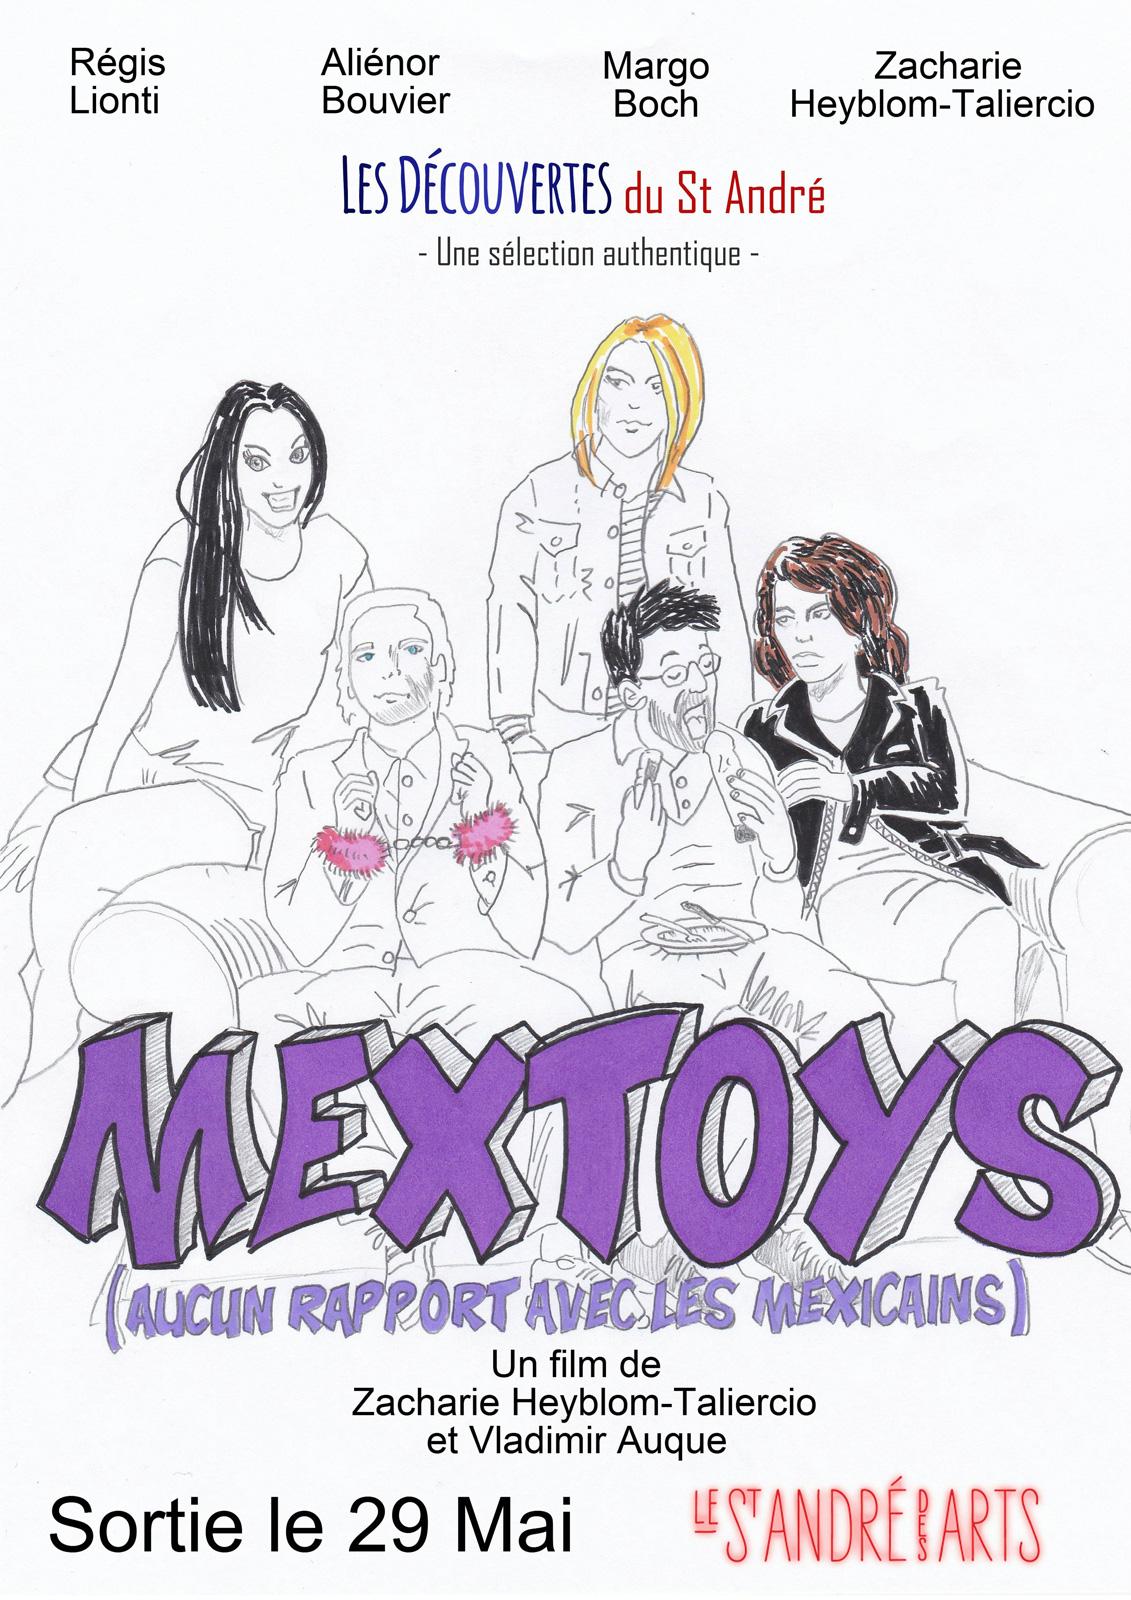 Mextoys (aucun rapport avec les Mexicains)